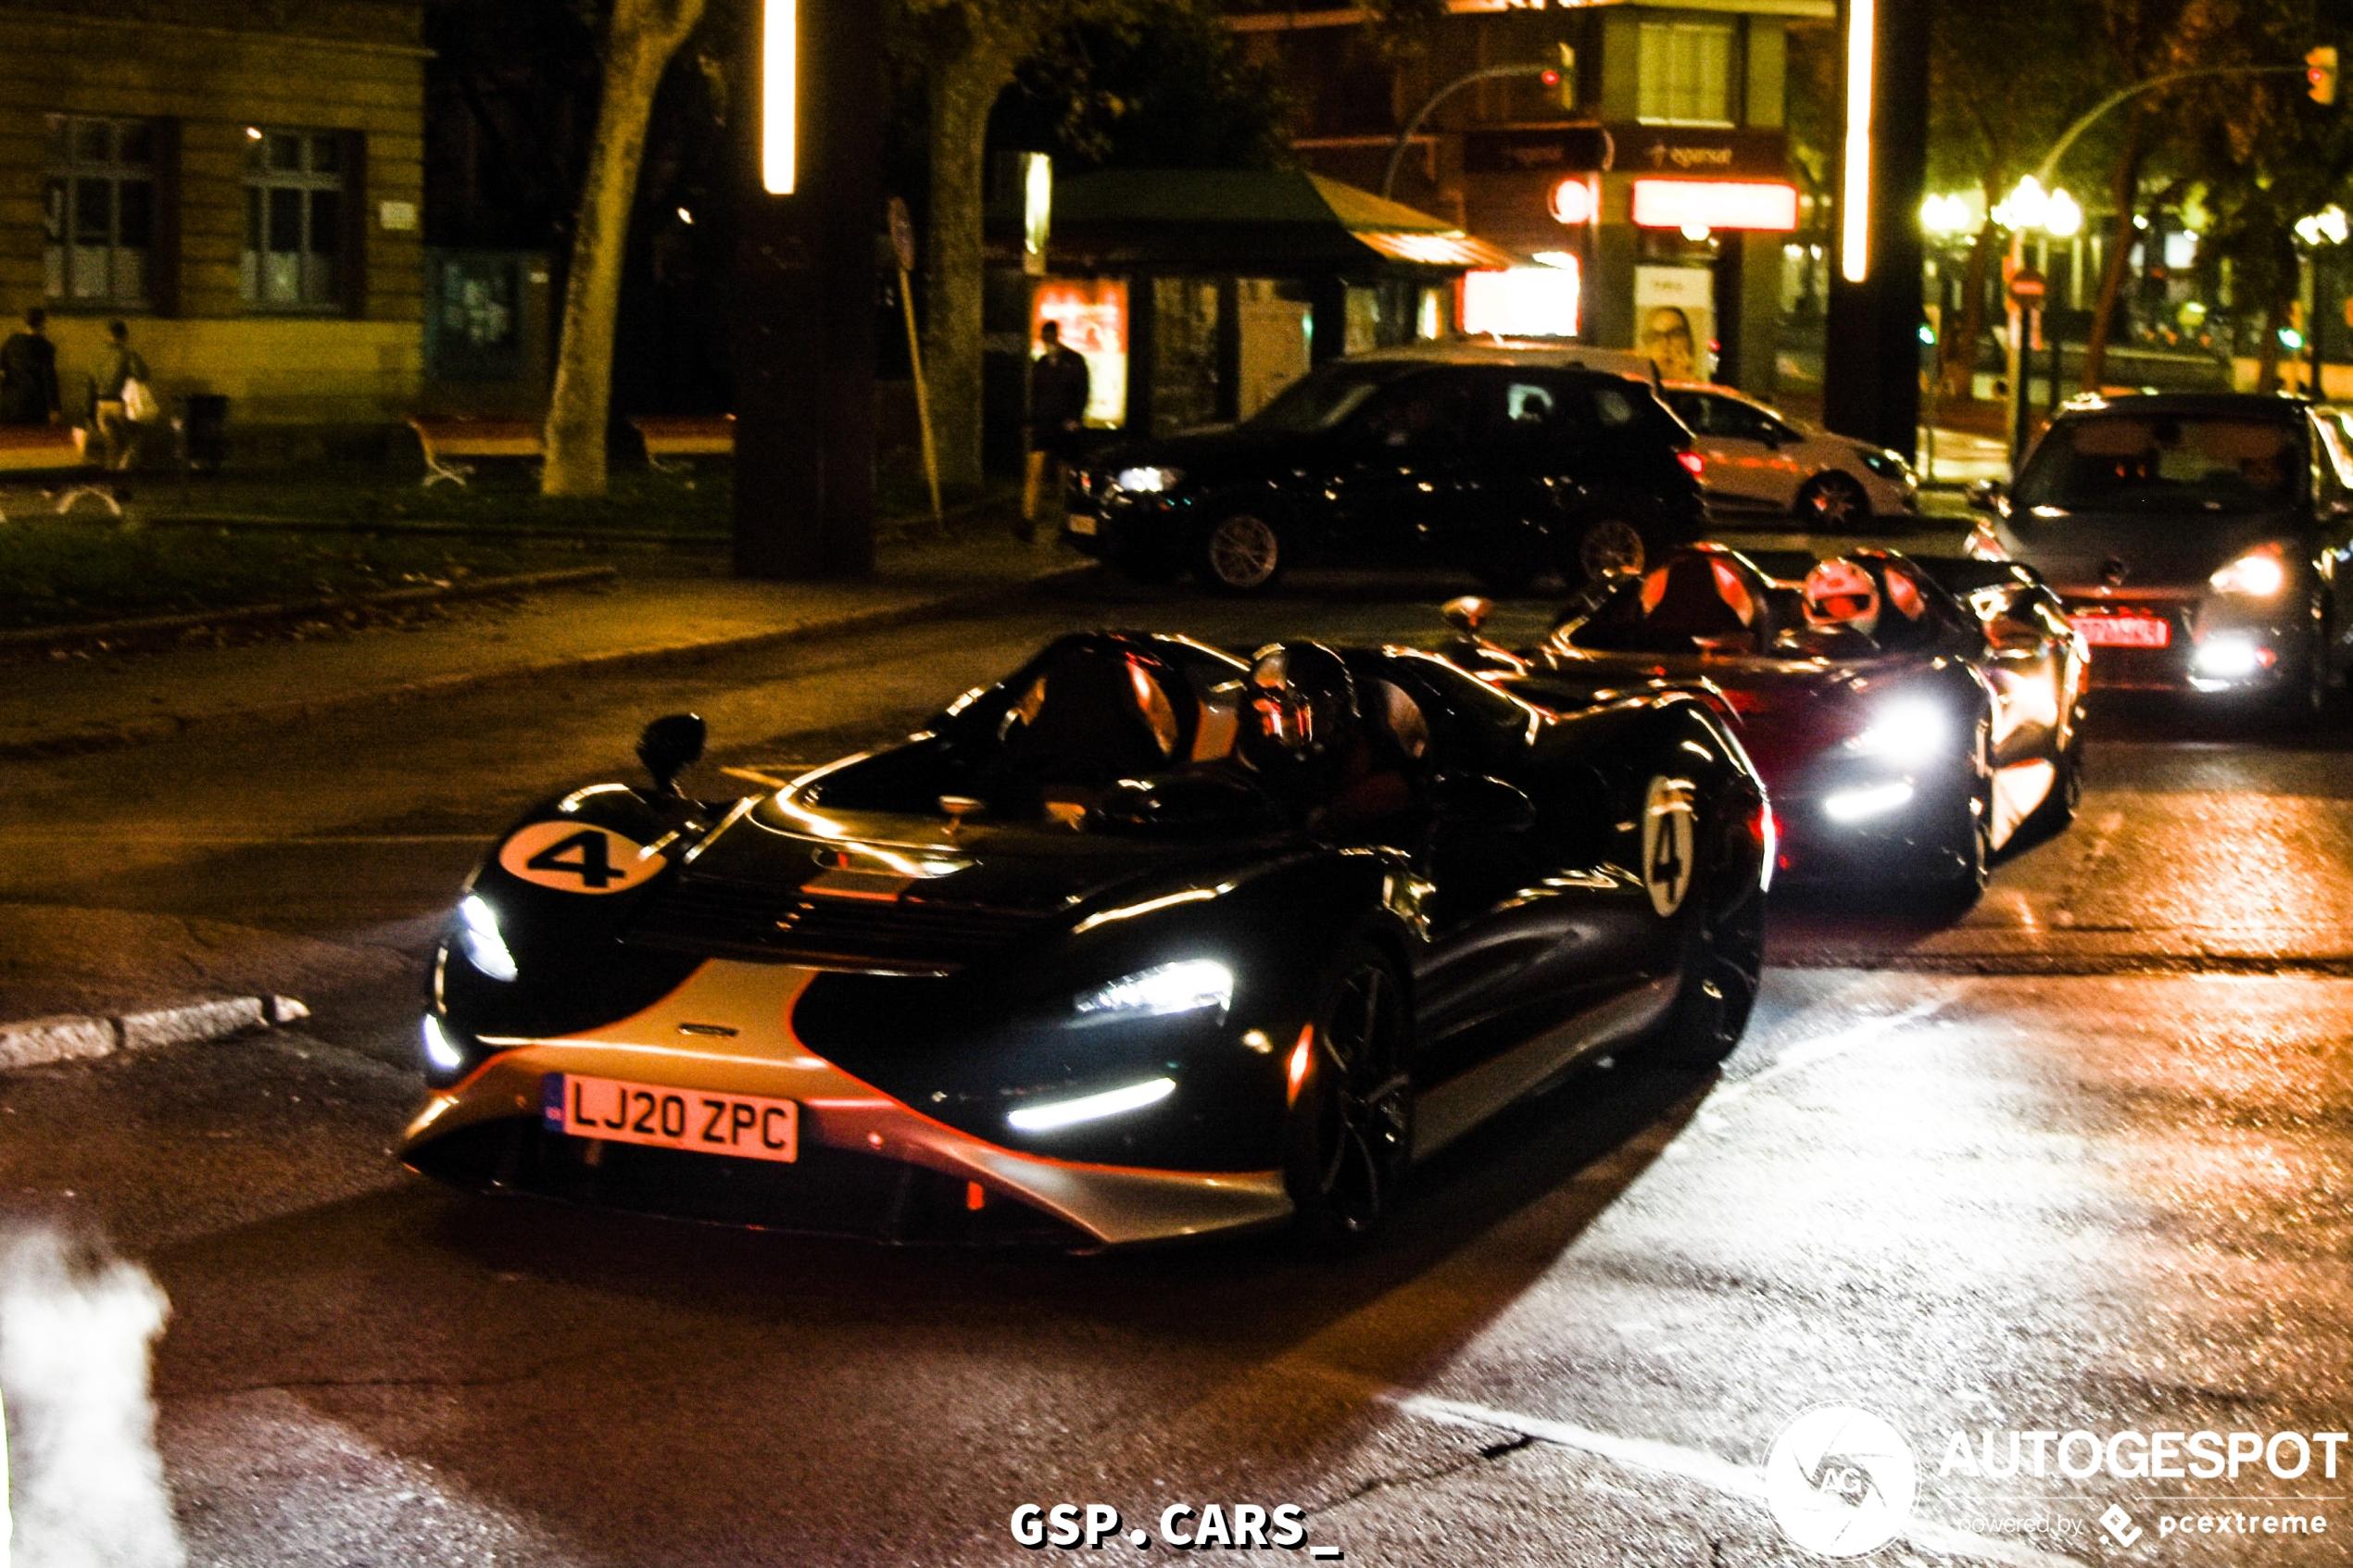 McLaren Elva duo gespot in Tarragona